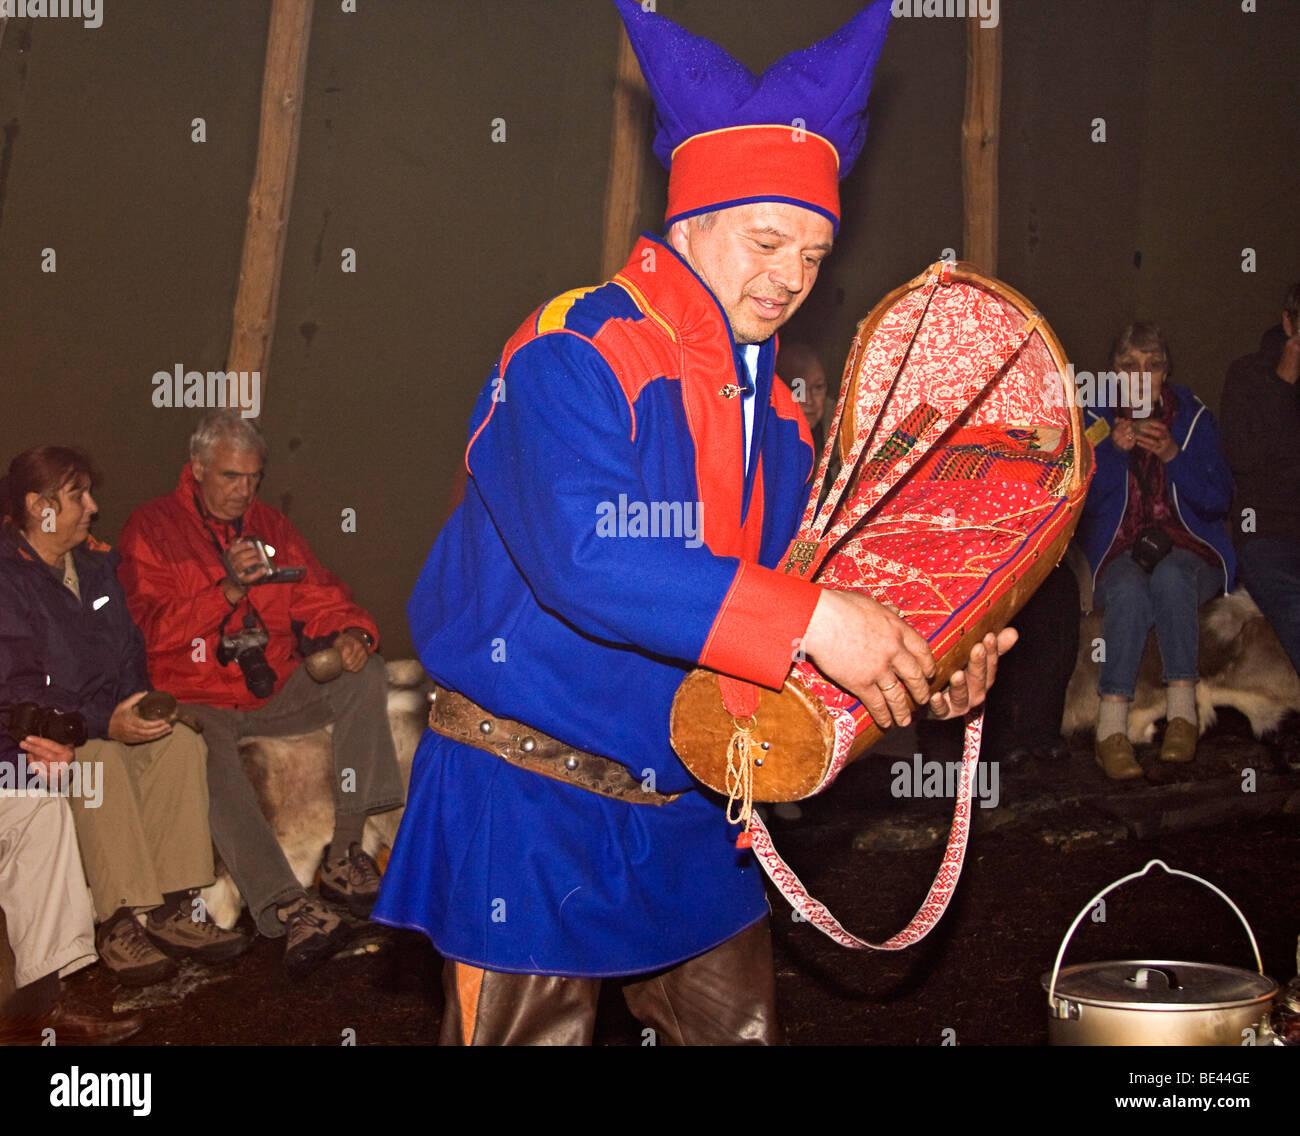 Hombre Sami en vestimentas tradicionales muestra una cuna utilizada para los bebés y las conversaciones acerca Imagen De Stock